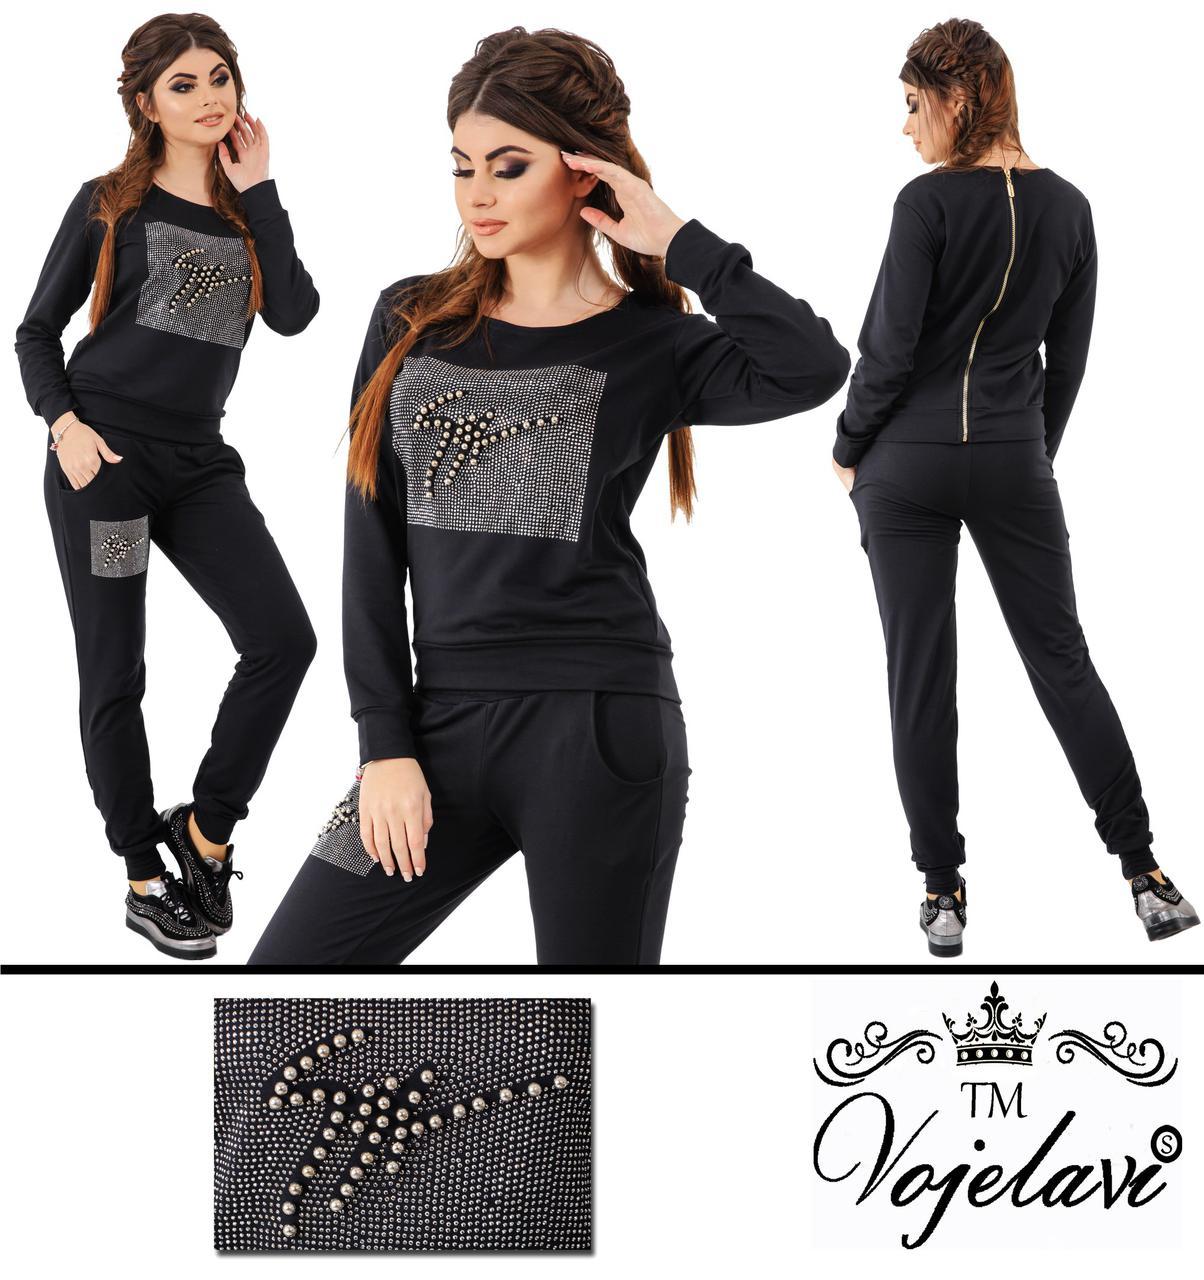 Женский черный спортивный костюм 42-46 размеры пр-во Украина 1028 ... b3e153005fb